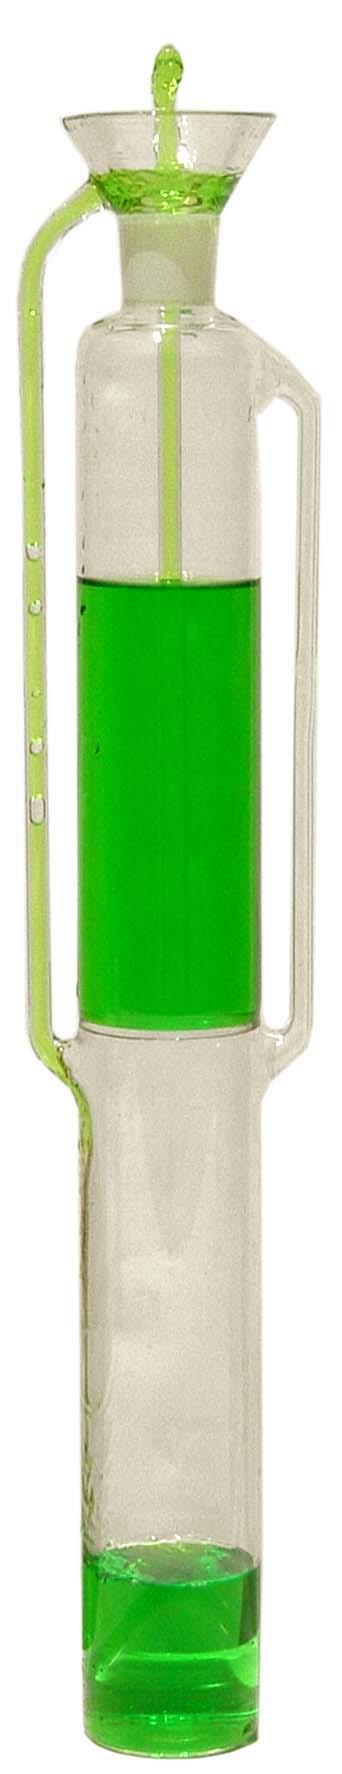 esperimenti di chimica FONTANA DI ERONE A0033